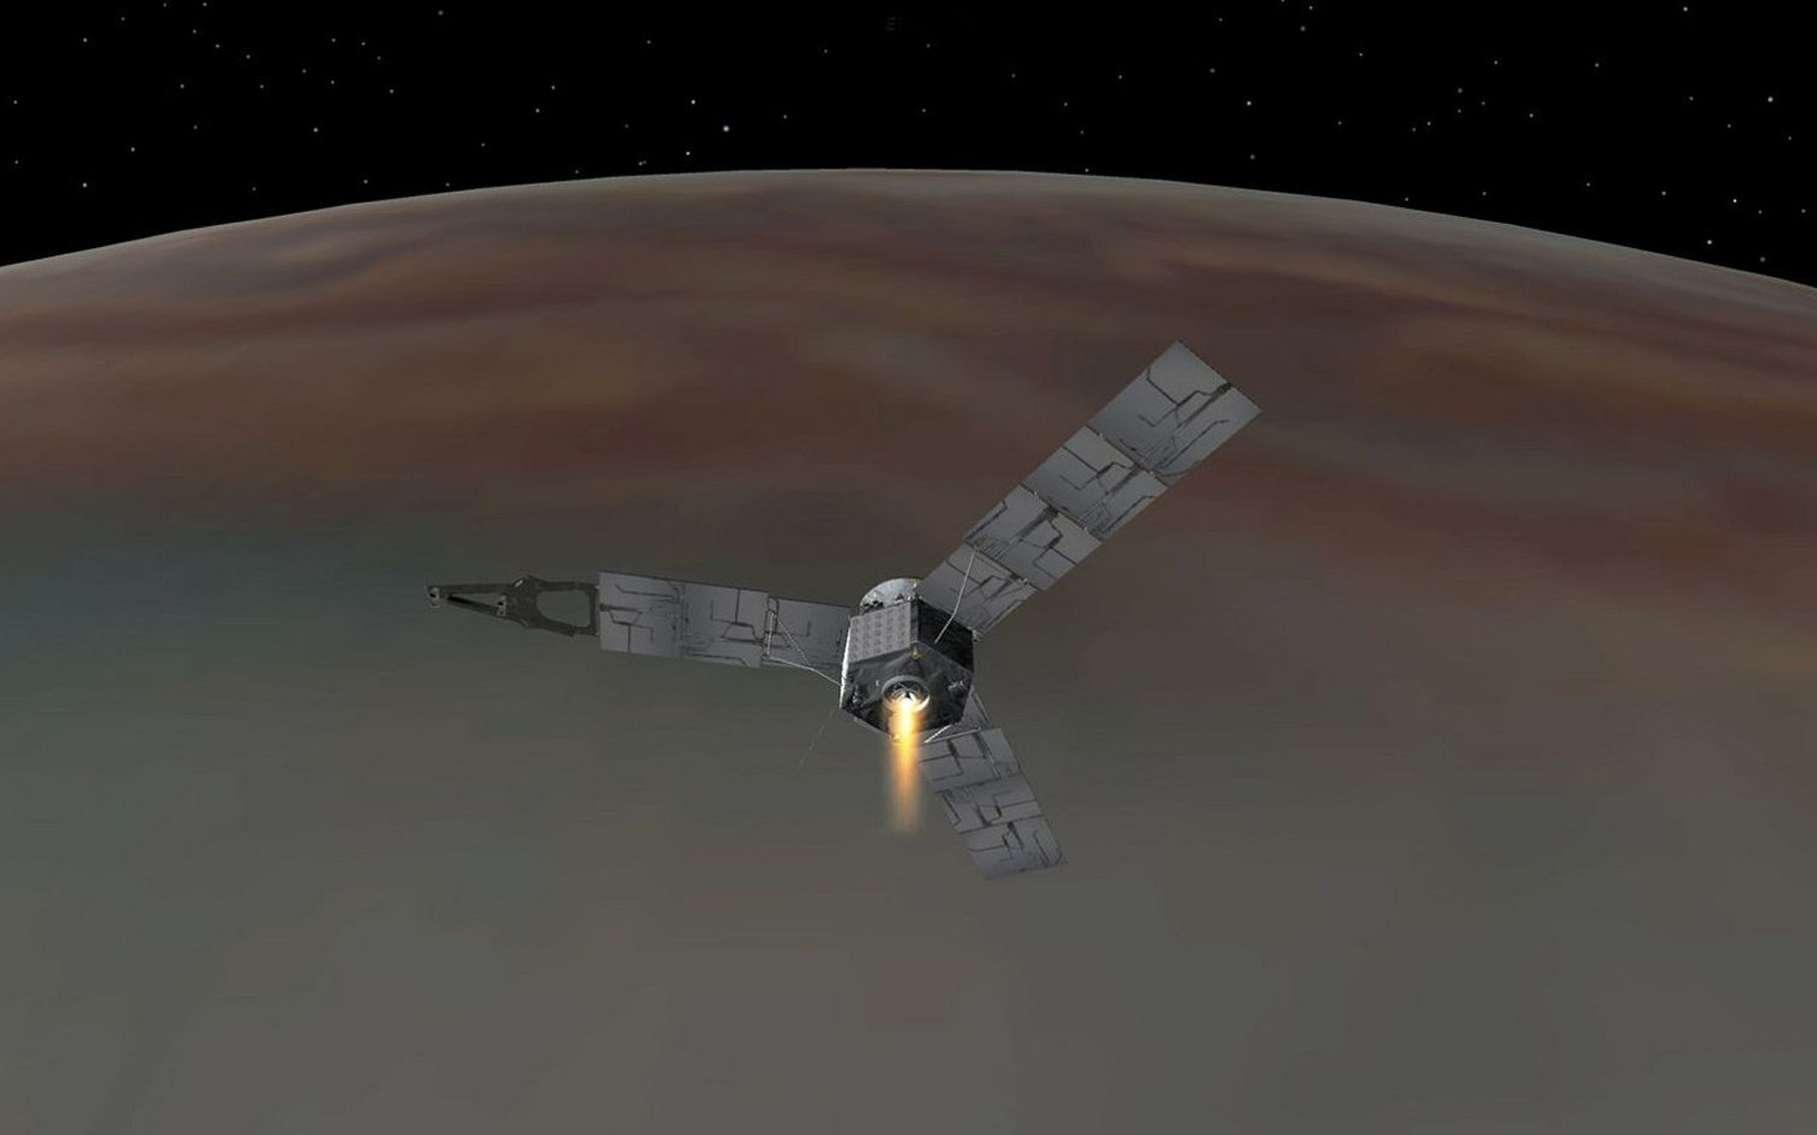 Illustration de Juno s'insérant en orbite polaire autour de Jupiter. Son moteur principal s'est allumé durant 35 minutes pour la faire ralentir et qu'elle soit capturée par le champ de gravité de la planète géante. © Nasa, JPL-Caltech